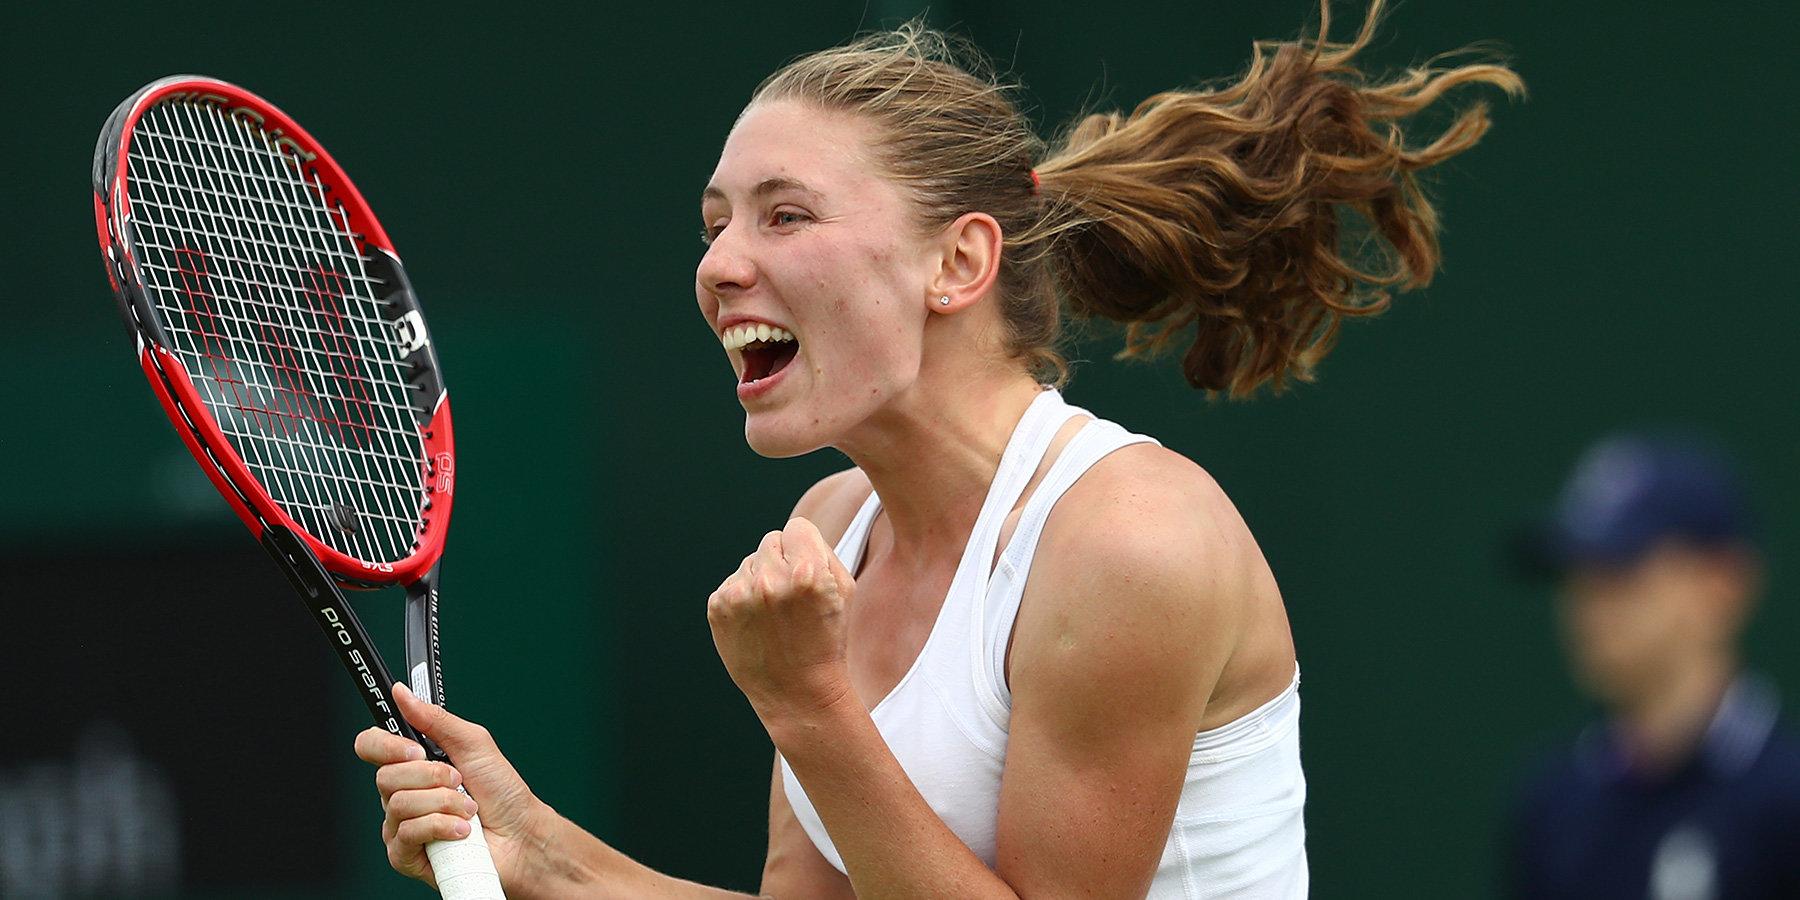 Александрова сыграет на старте US Open с экс-первой ракеткой мира Клийстерс, Касаткина — с украинкой Костюк